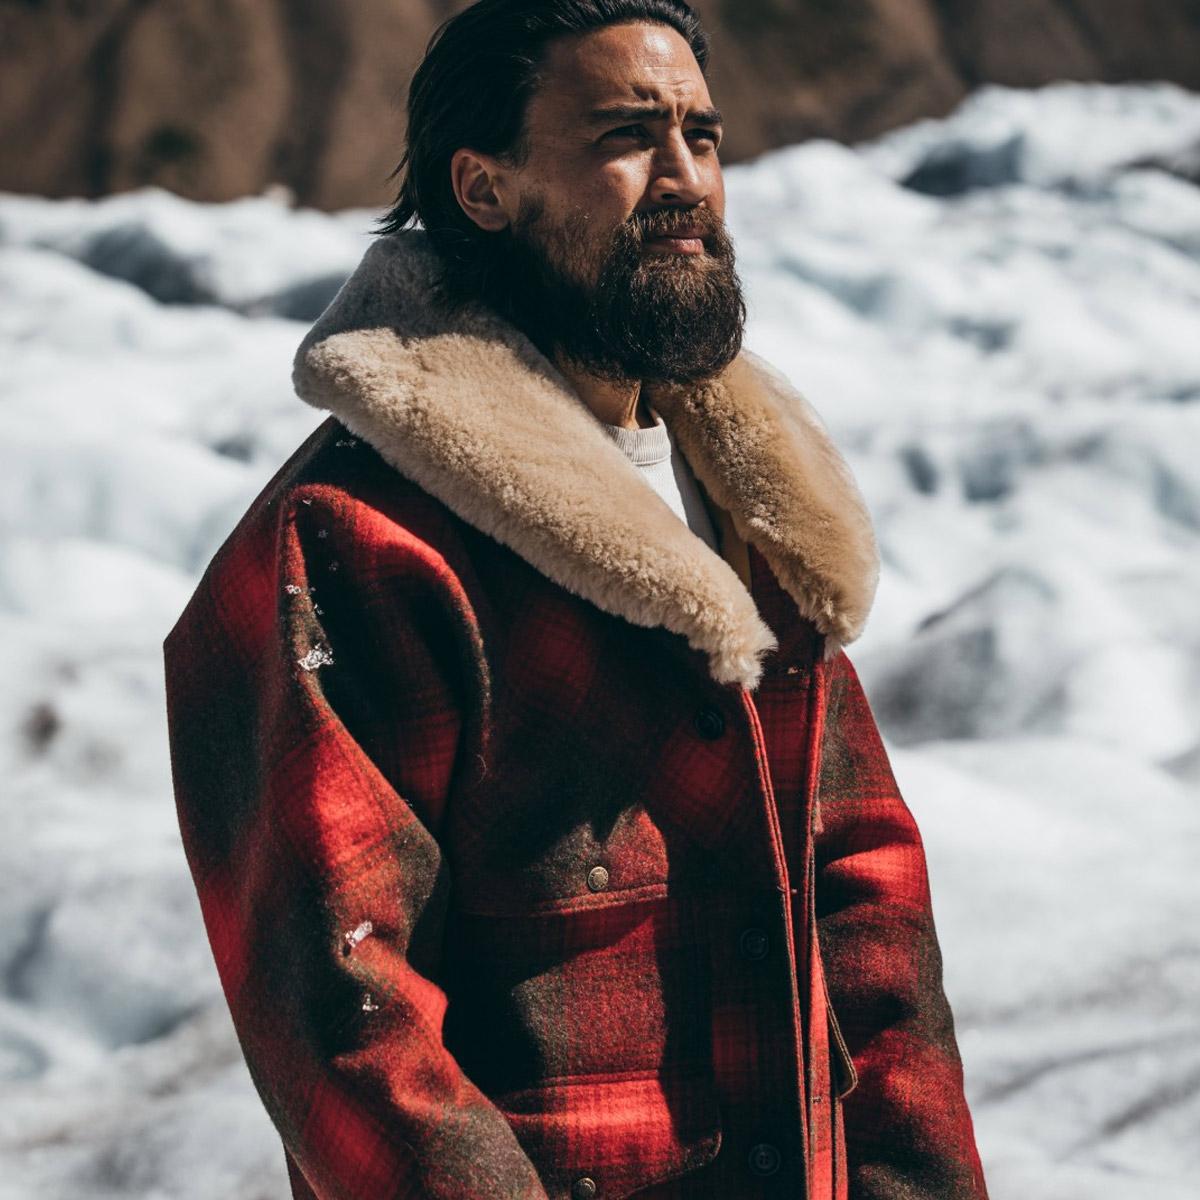 Filson Lined Wool Packer Coat Red/Green/Dark Brown,für Komfort, natürliche wasserabweisende Eigenschaften und isolierende Wärme bei jedem Wetter